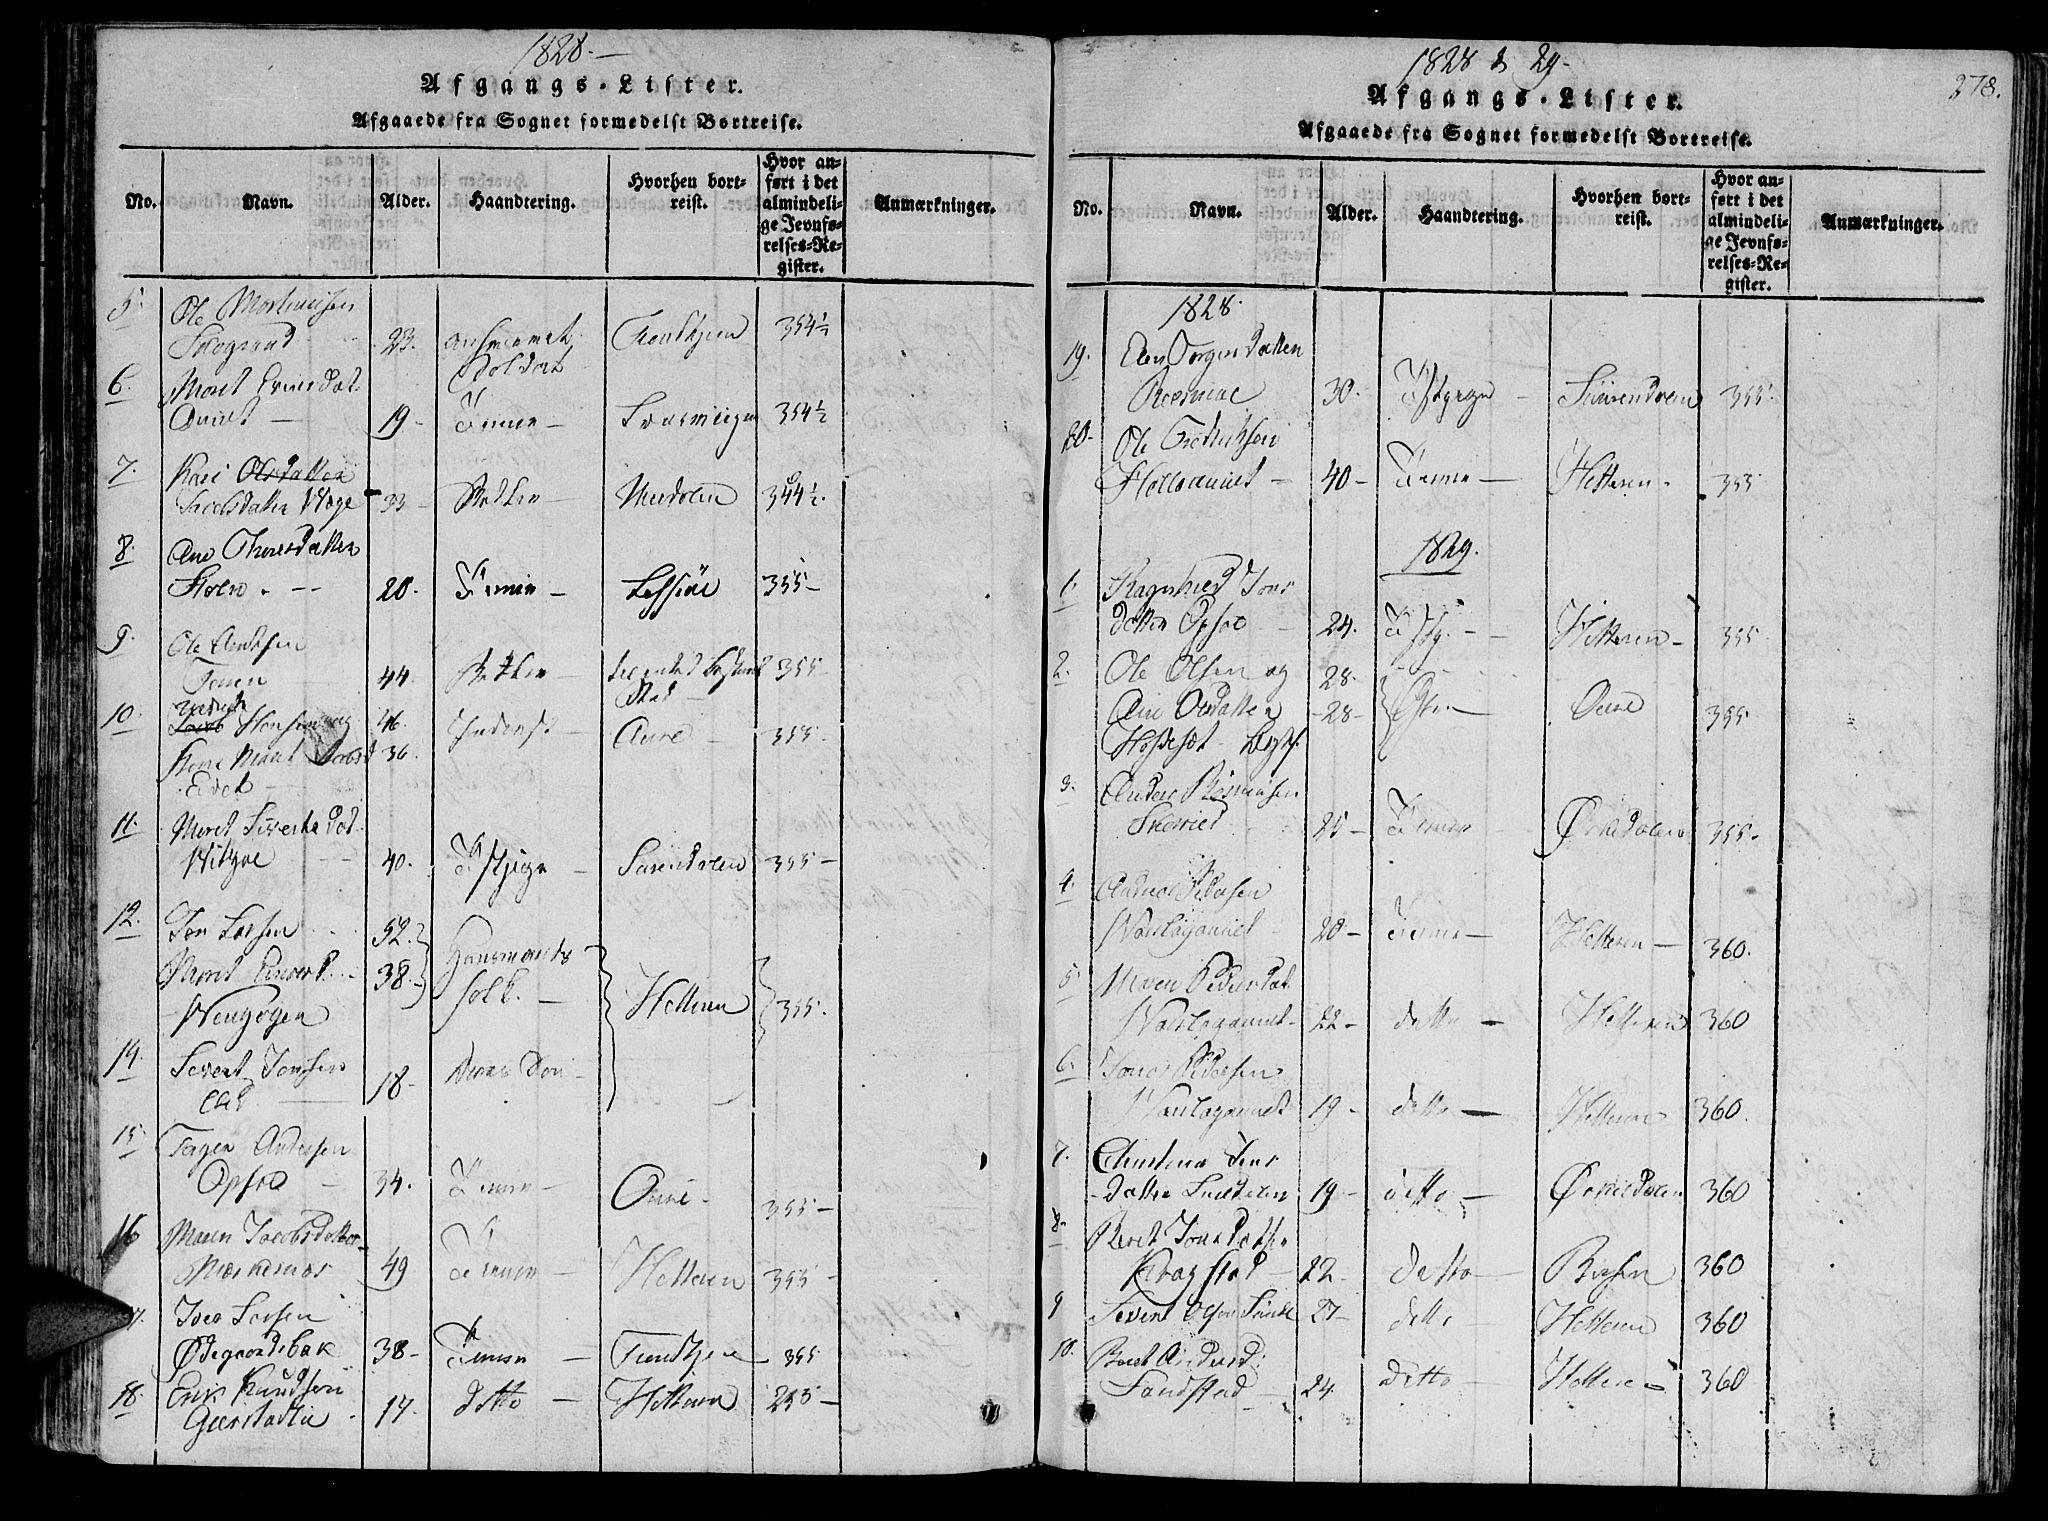 SAT, Ministerialprotokoller, klokkerbøker og fødselsregistre - Sør-Trøndelag, 630/L0491: Ministerialbok nr. 630A04, 1818-1830, s. 278